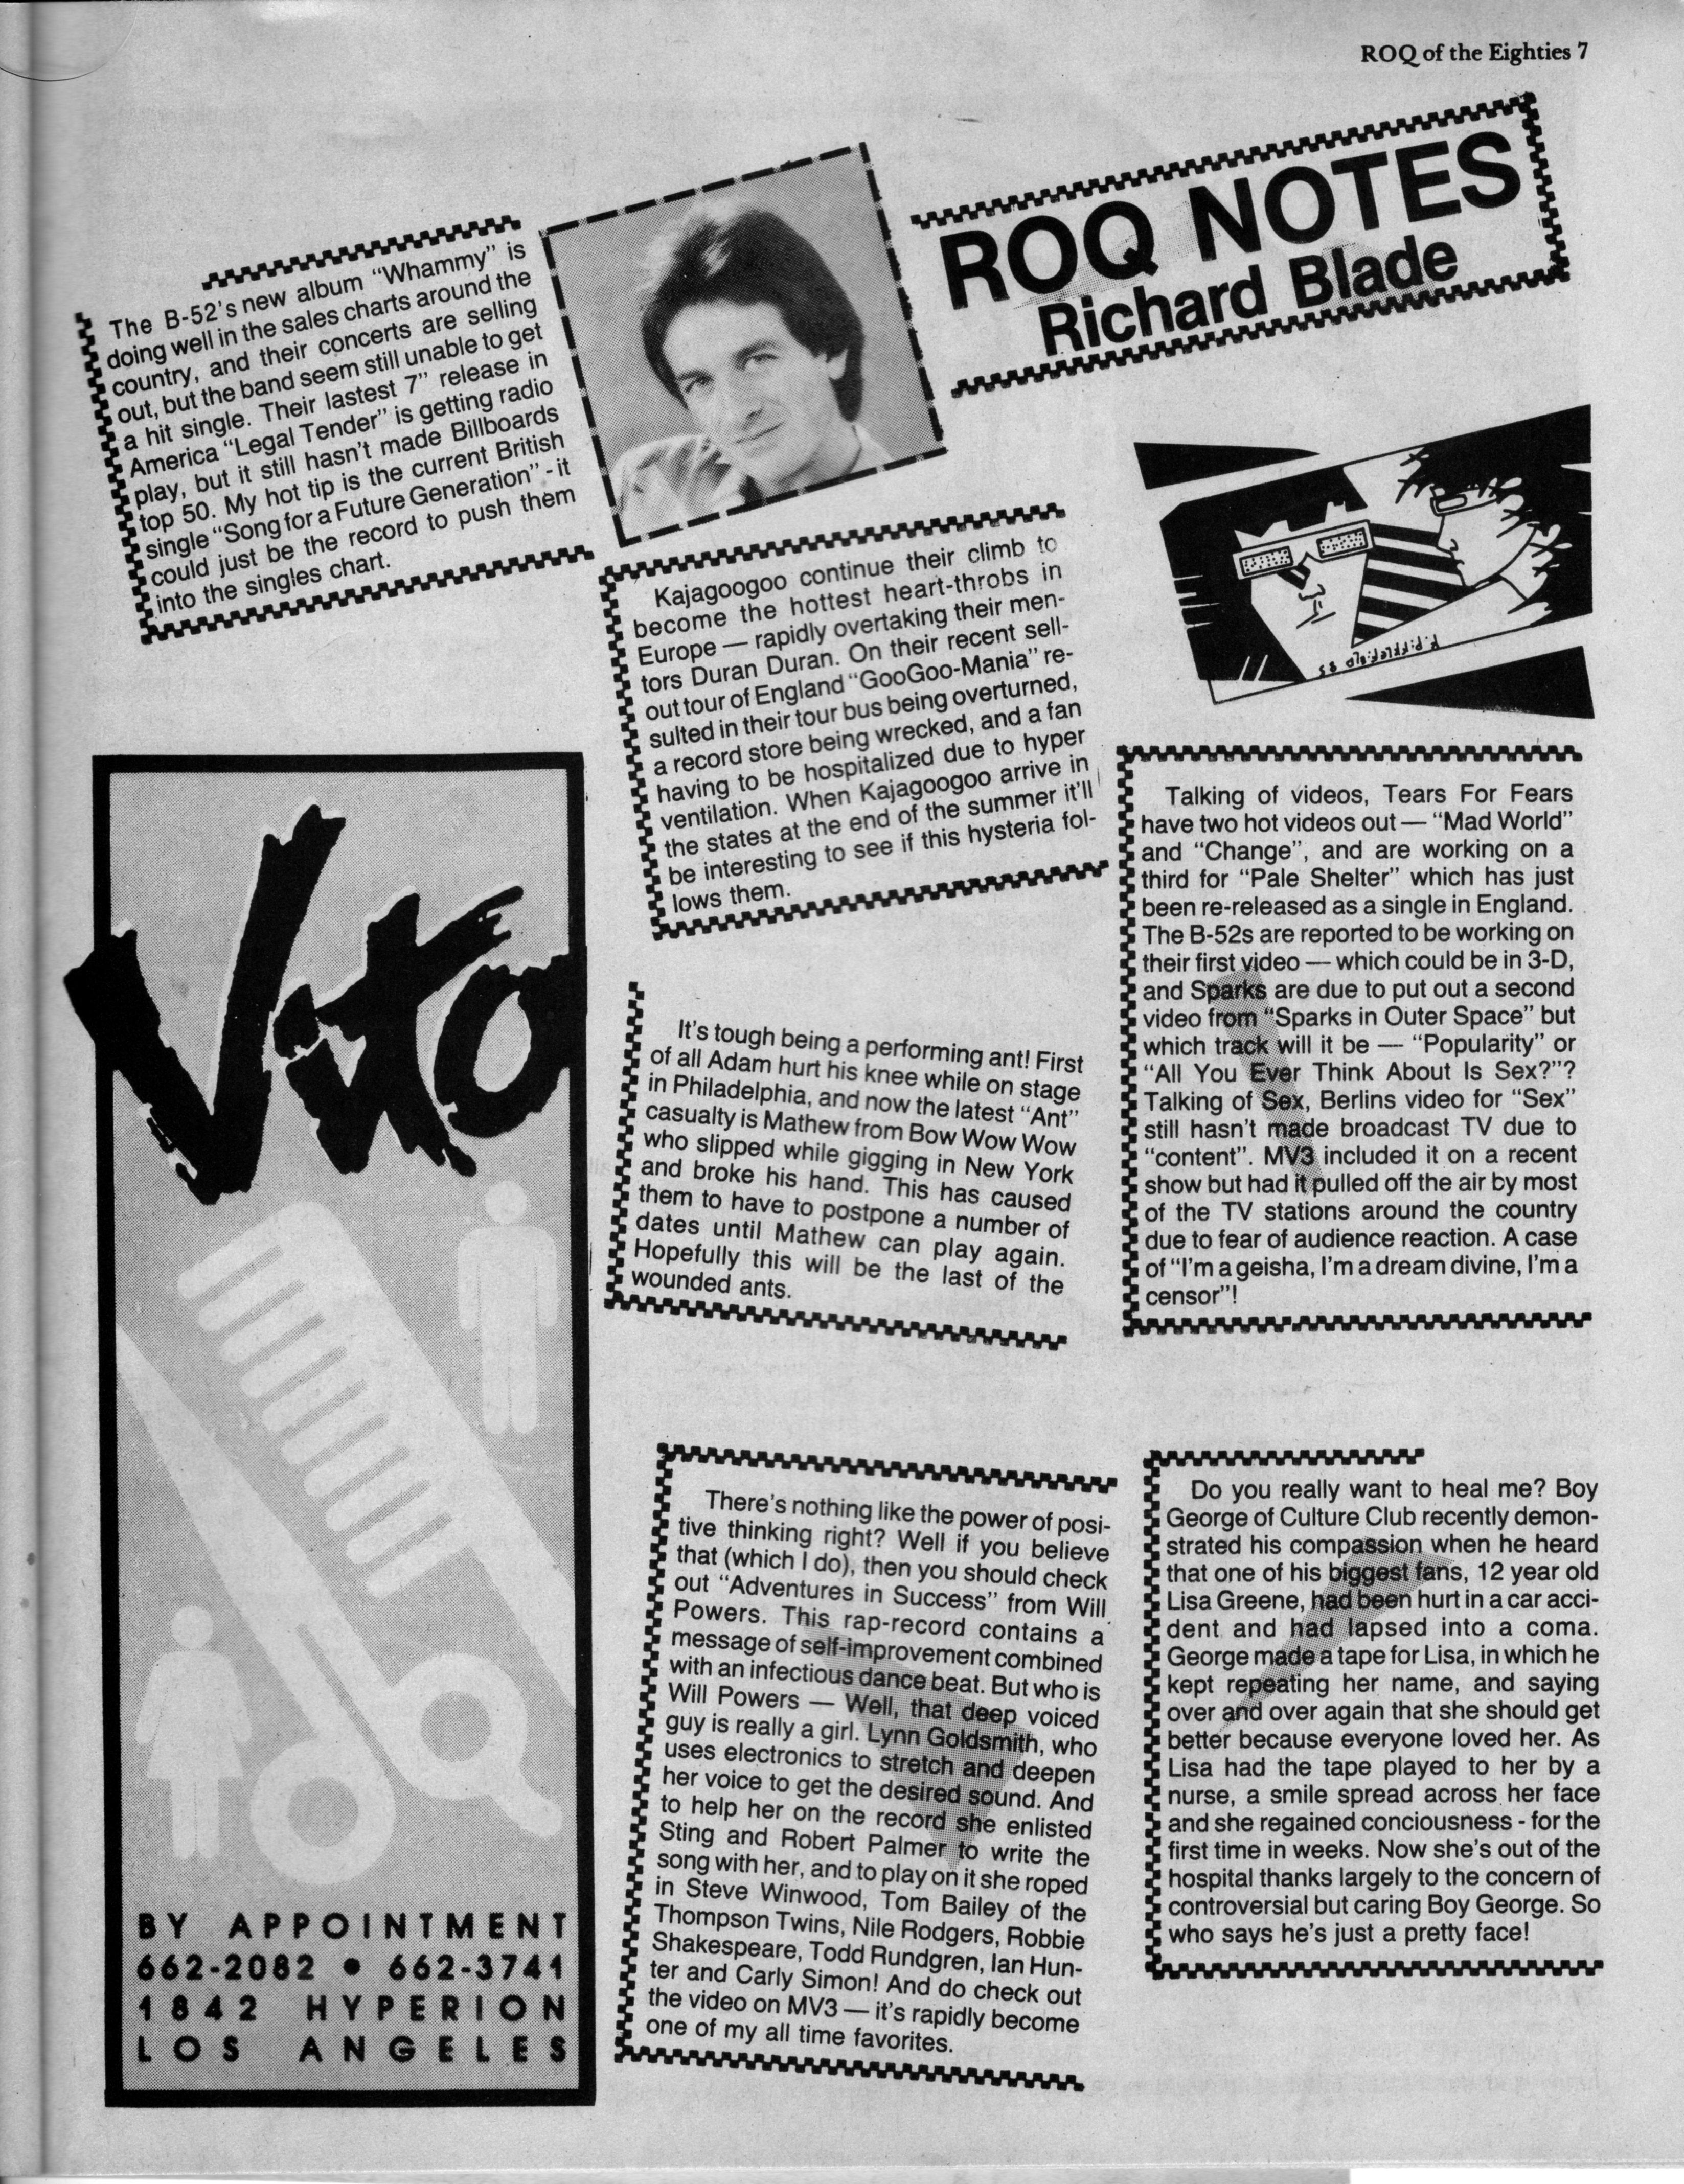 80s KROQ DJ Richard Blade